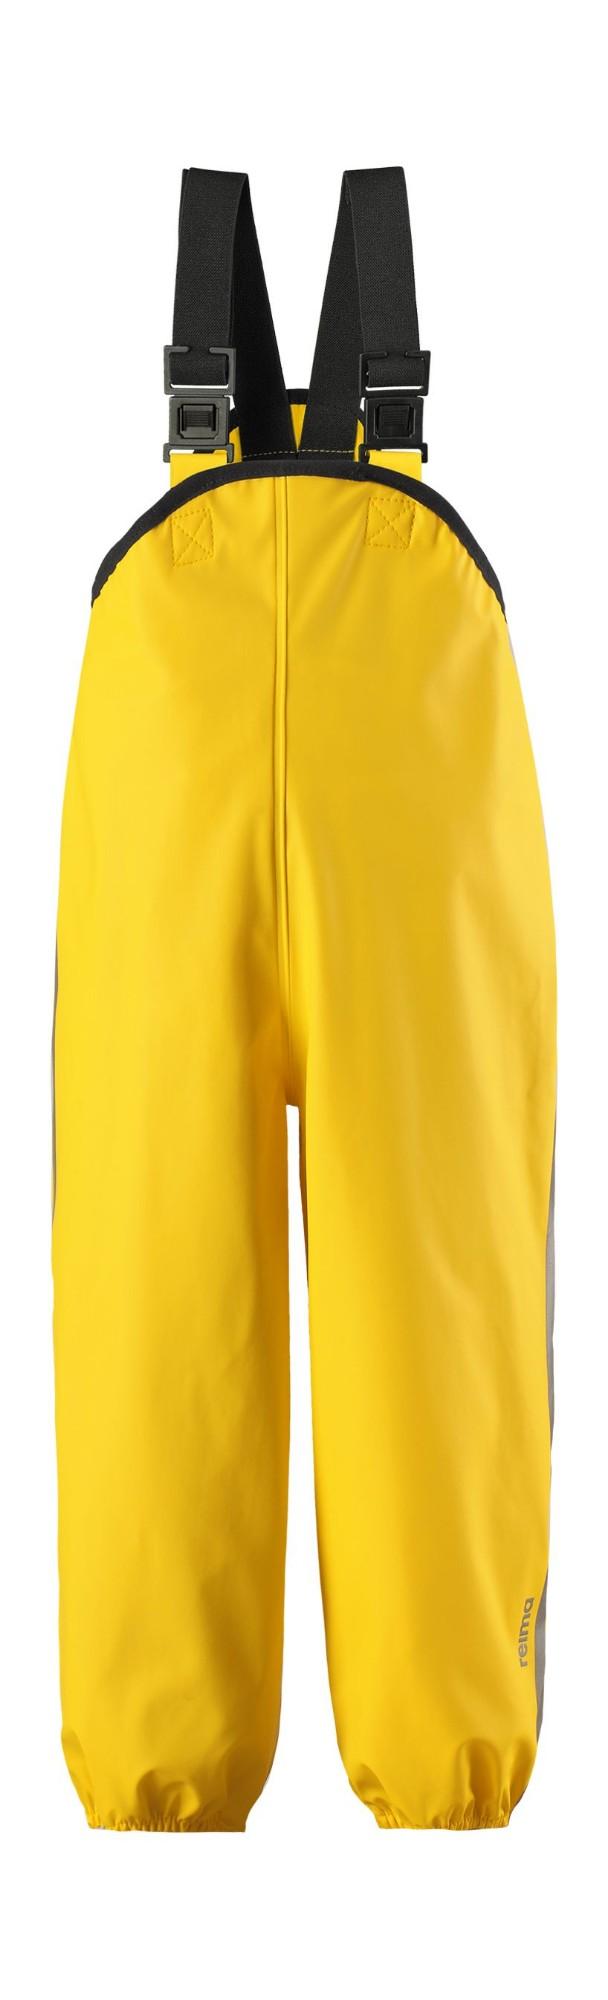 REIMA Lammikko Yellow 92